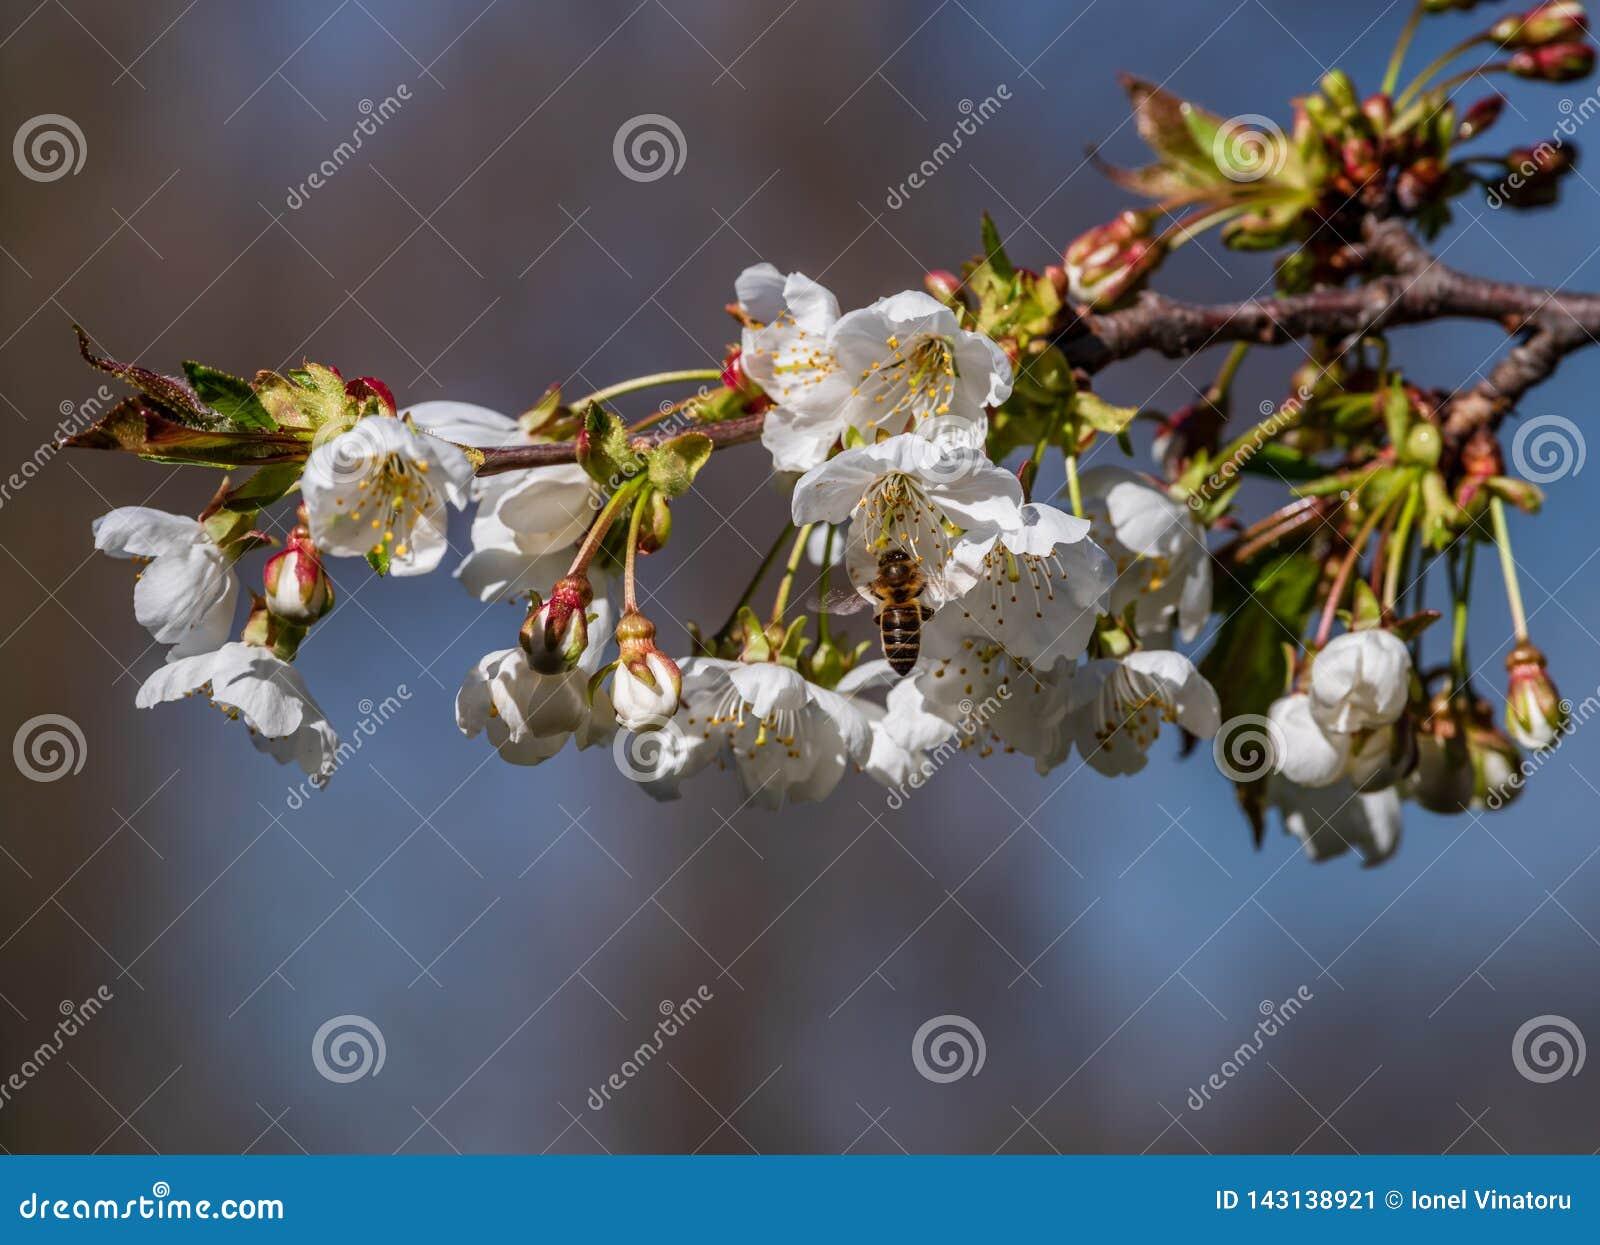 Ape che raccoglie polline da un fiore della prugna un giorno soleggiato